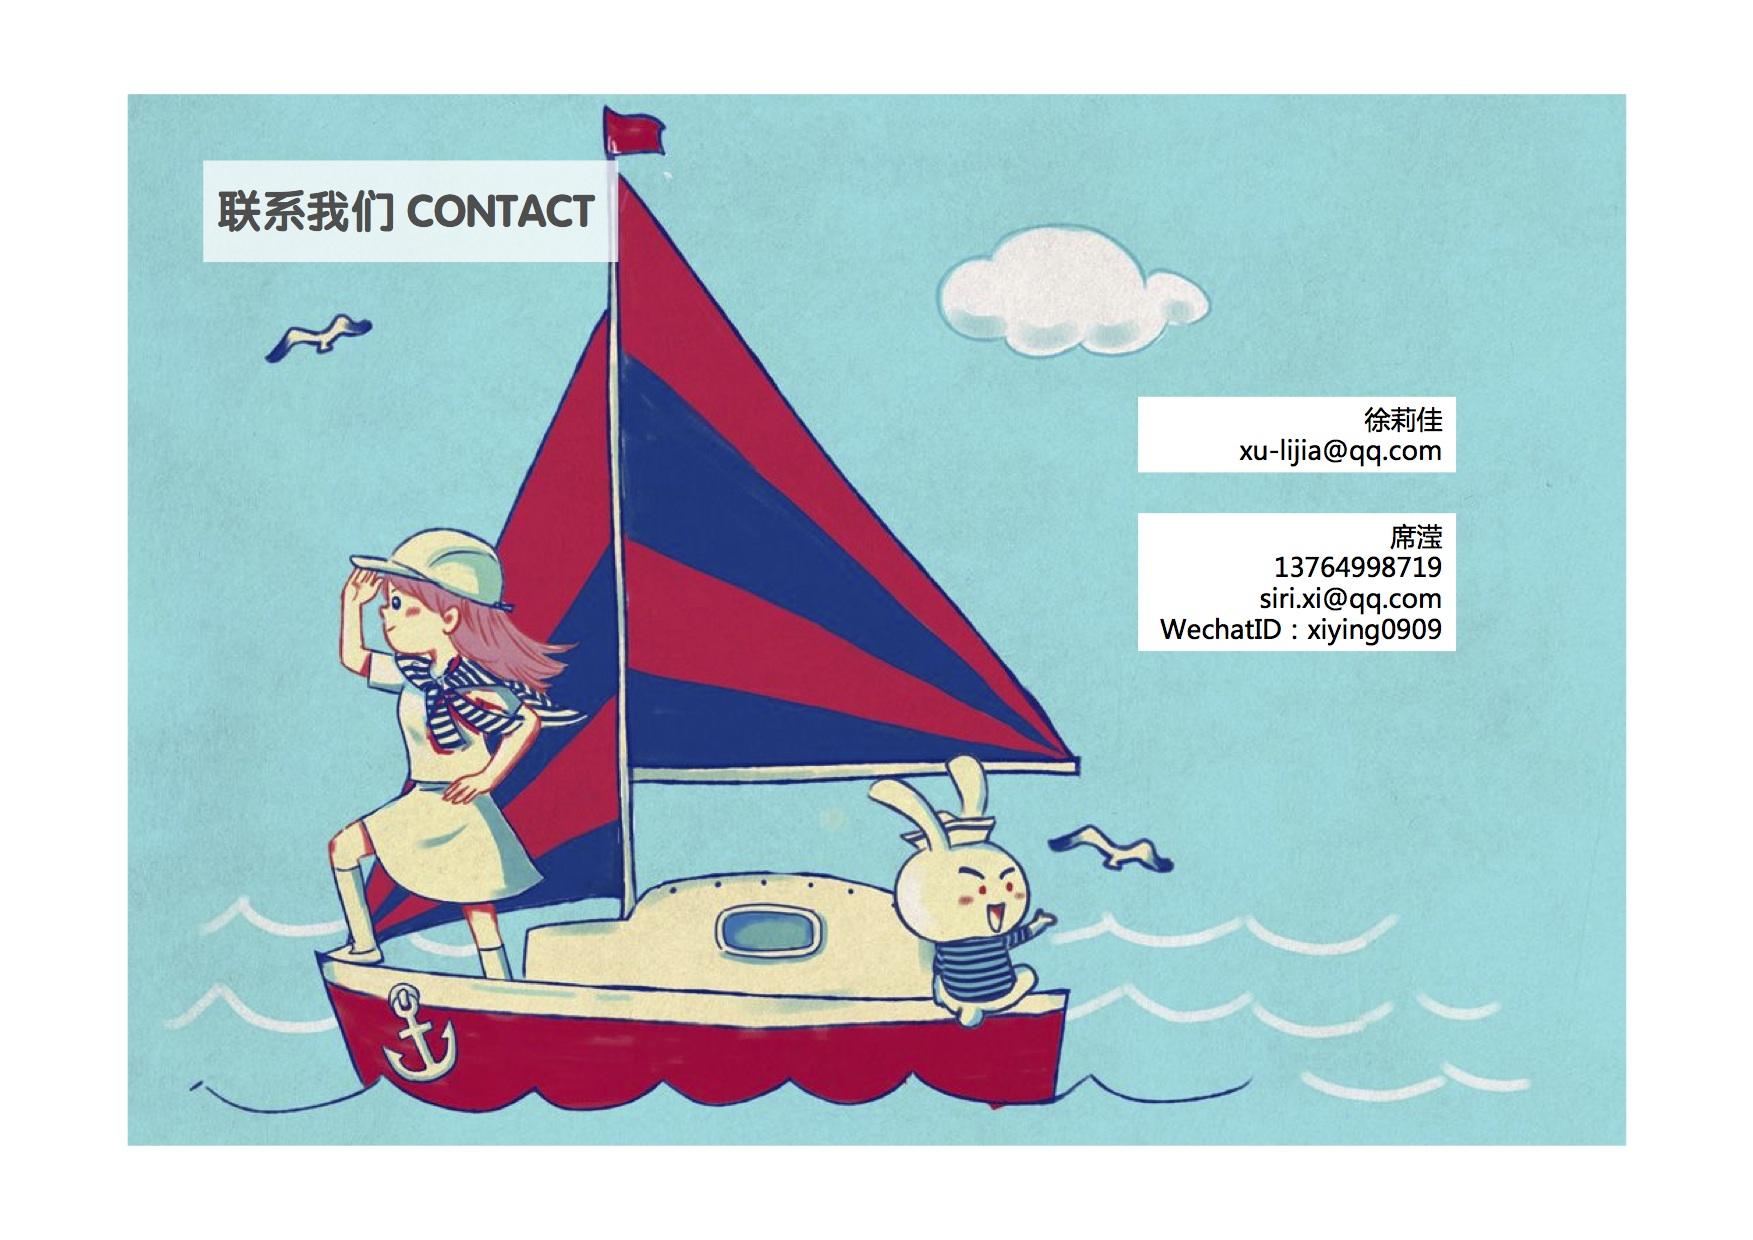 徐莉佳,帆船 一起来支持徐莉佳帆船漫画系列书 绘本帆船创作企划案27.jpg